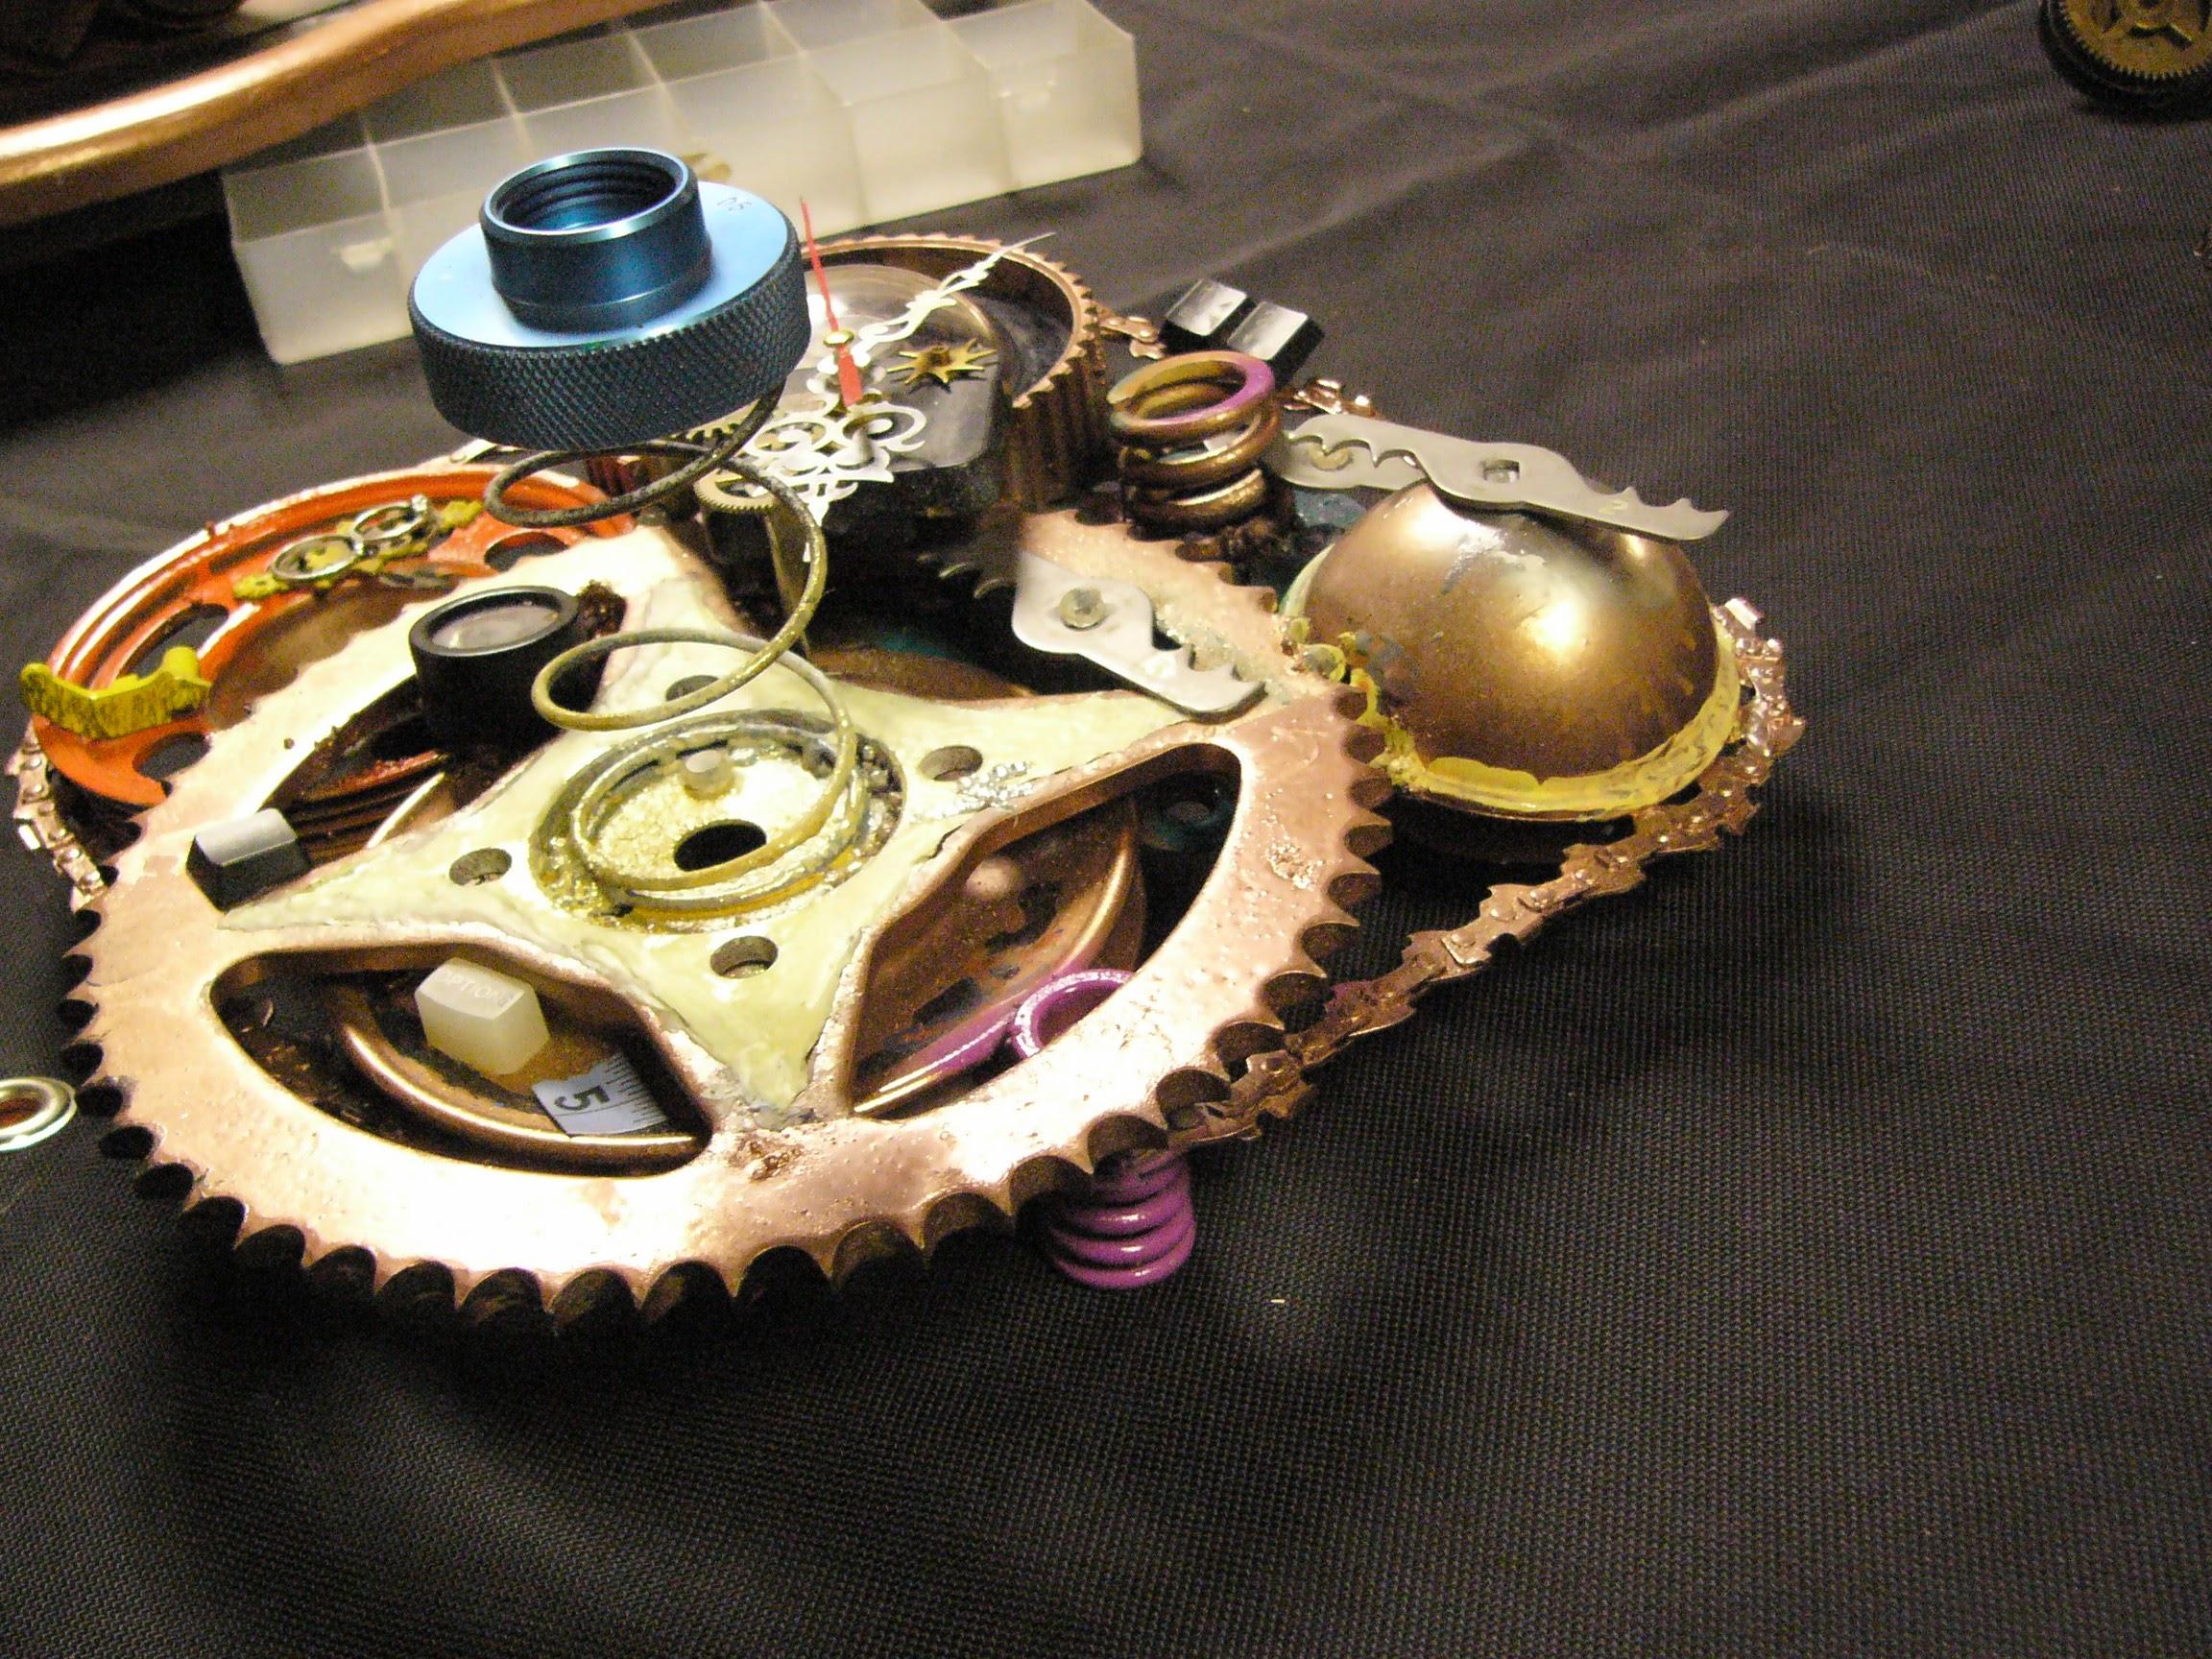 Picture of Steam Punk Gear Clock